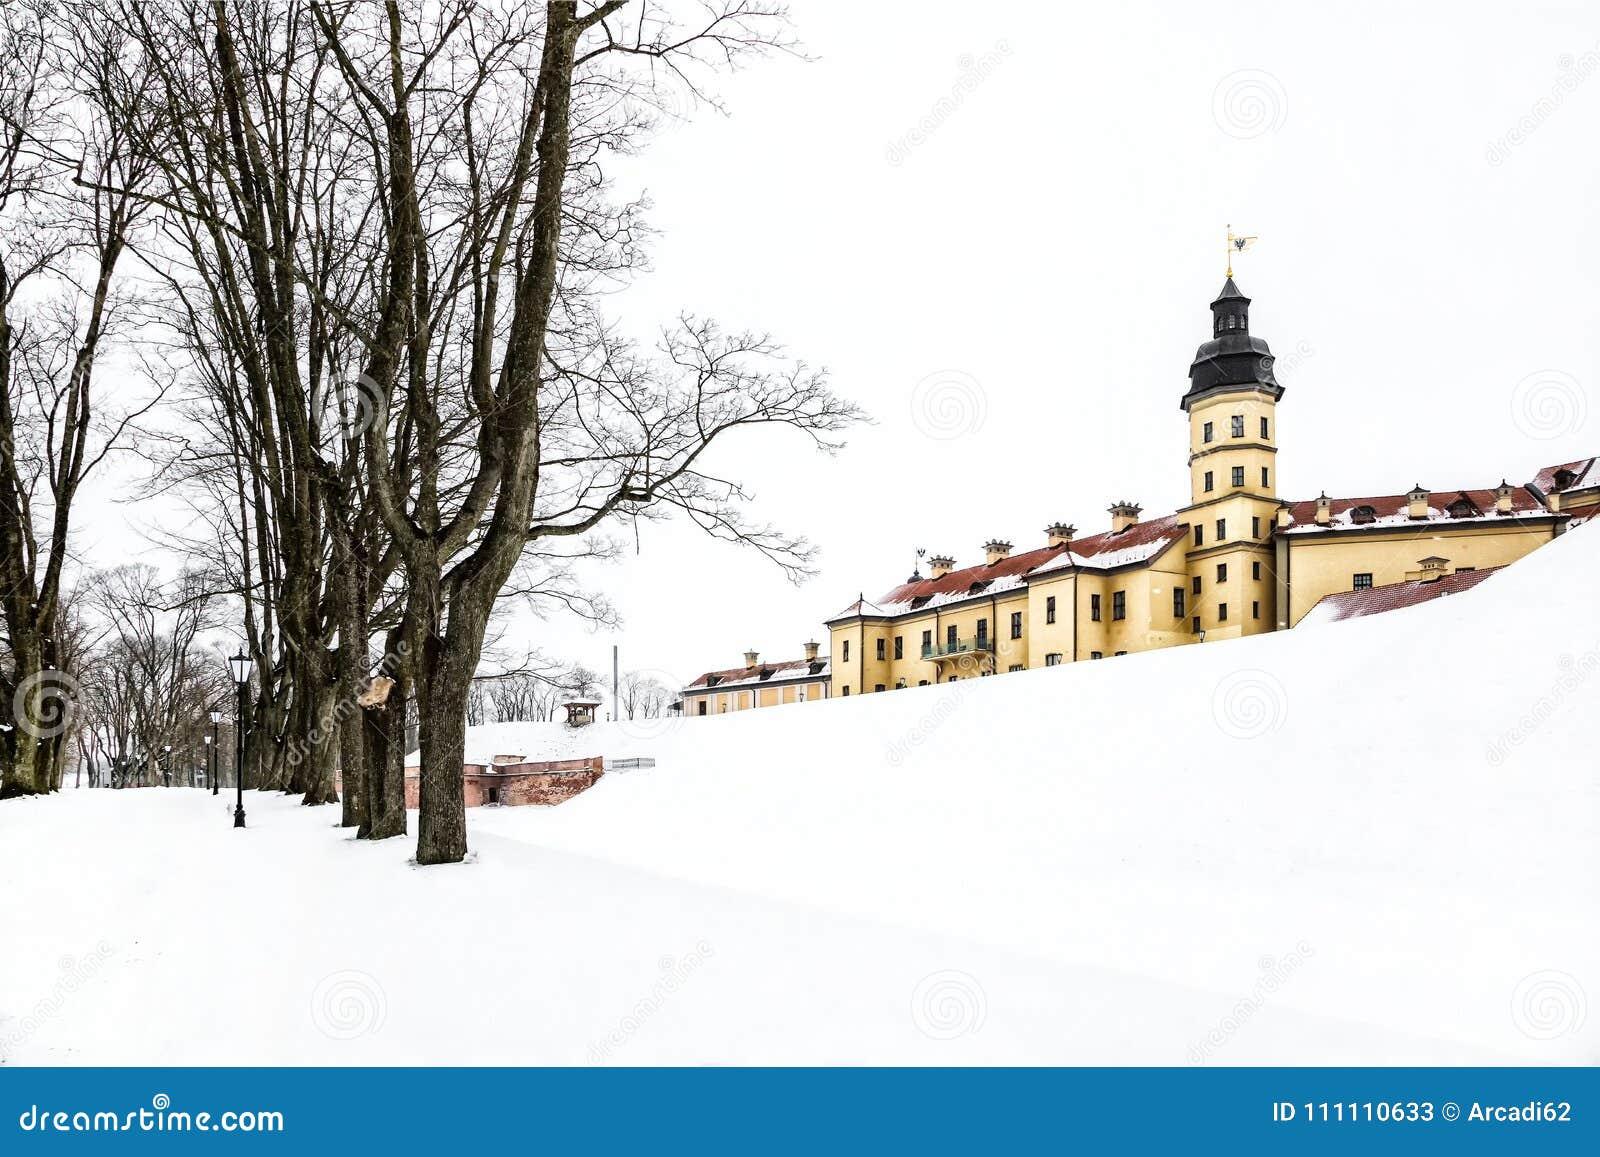 Nesvizh Castle. winter